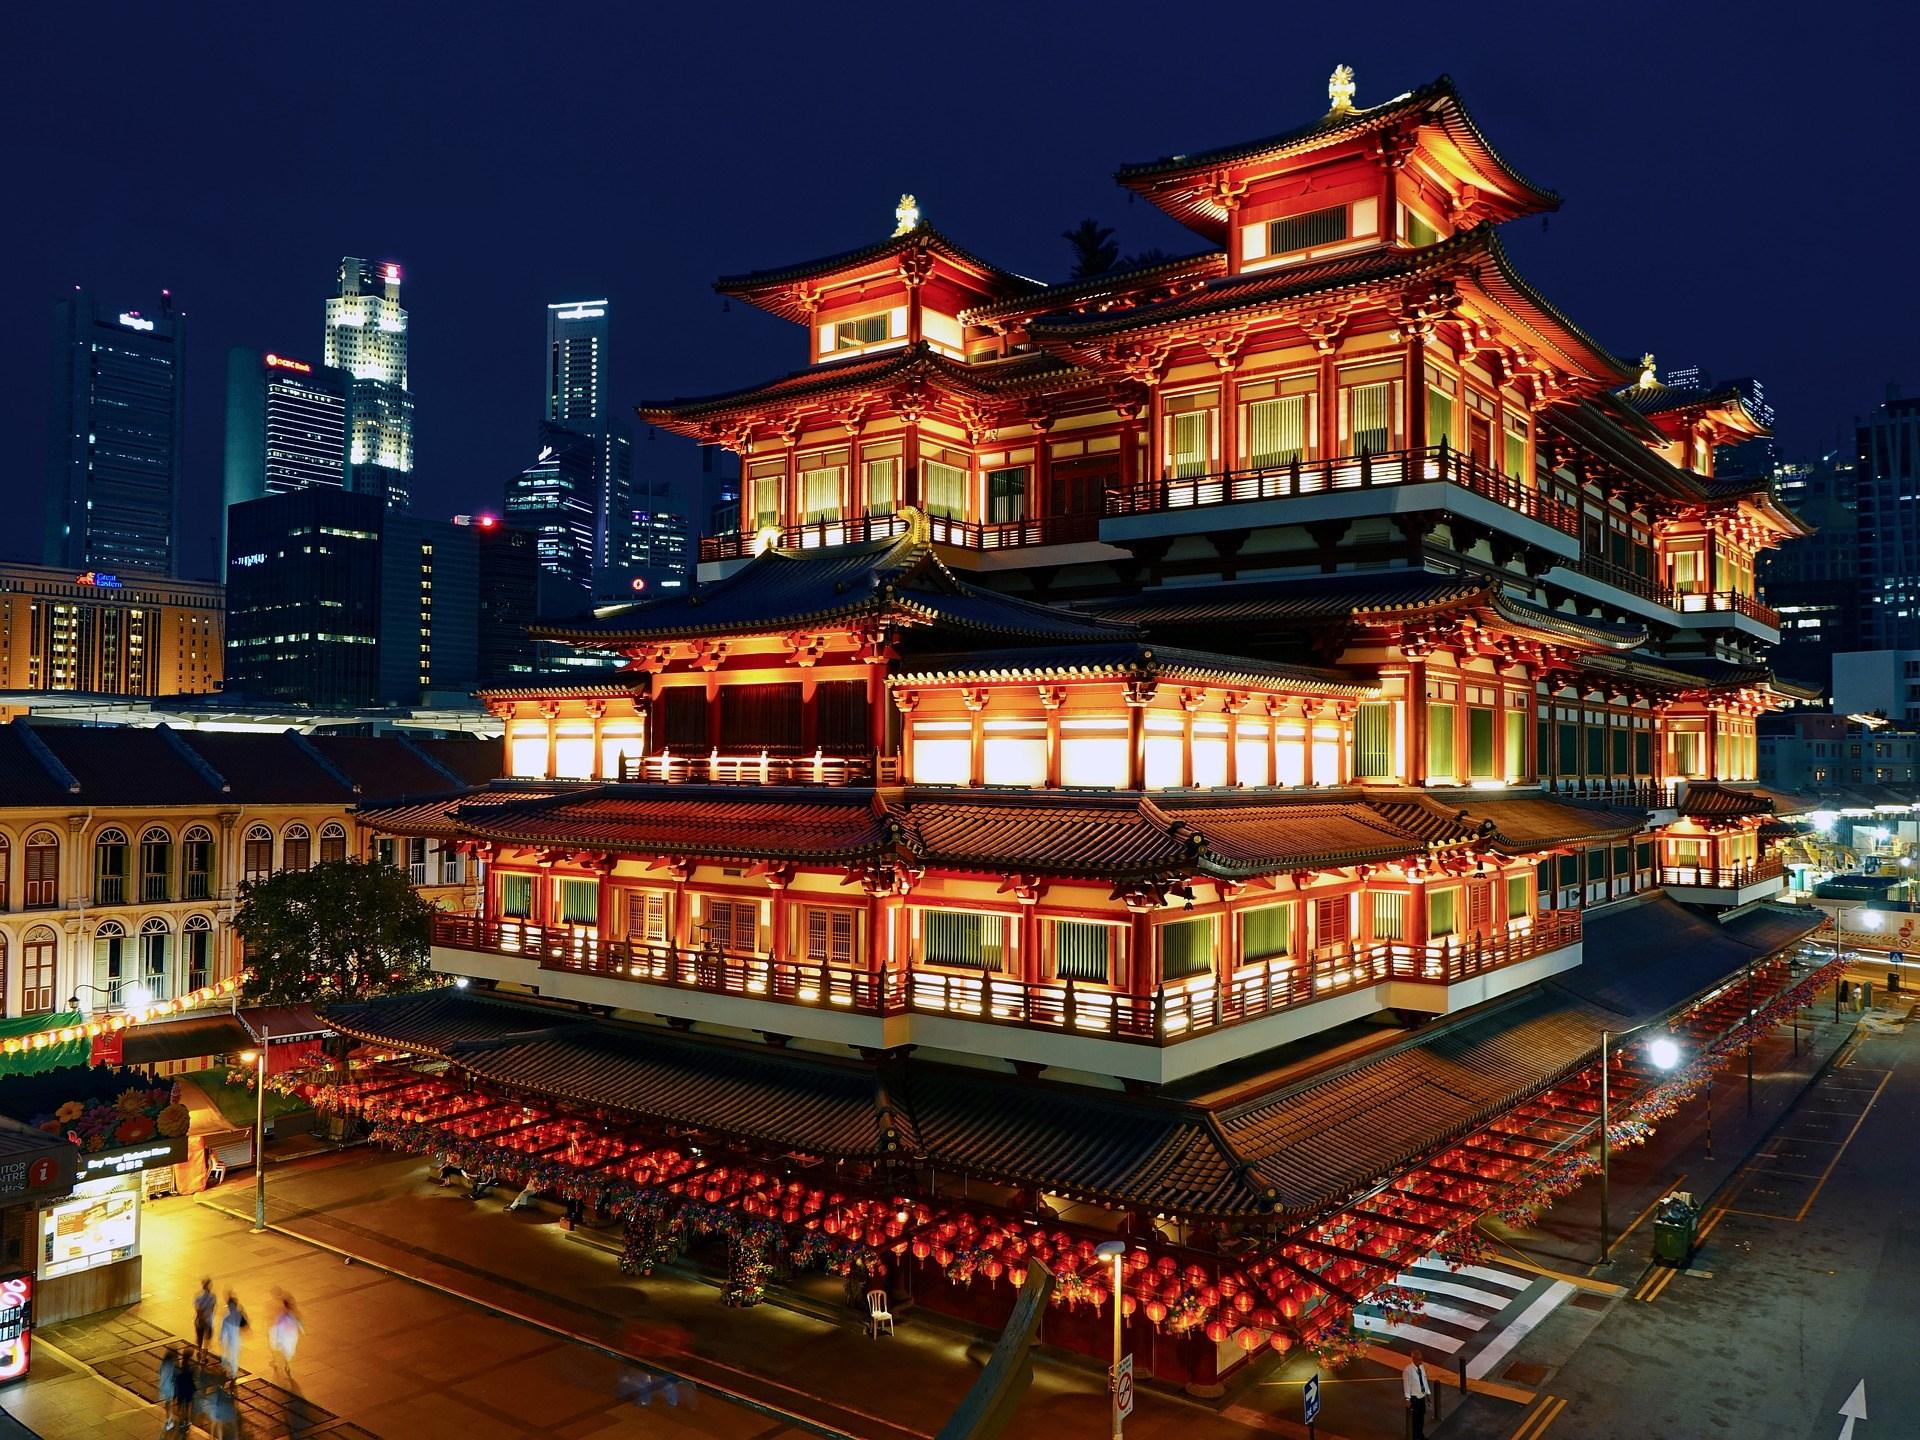 Tour tham quan Singapore vào buổi tối